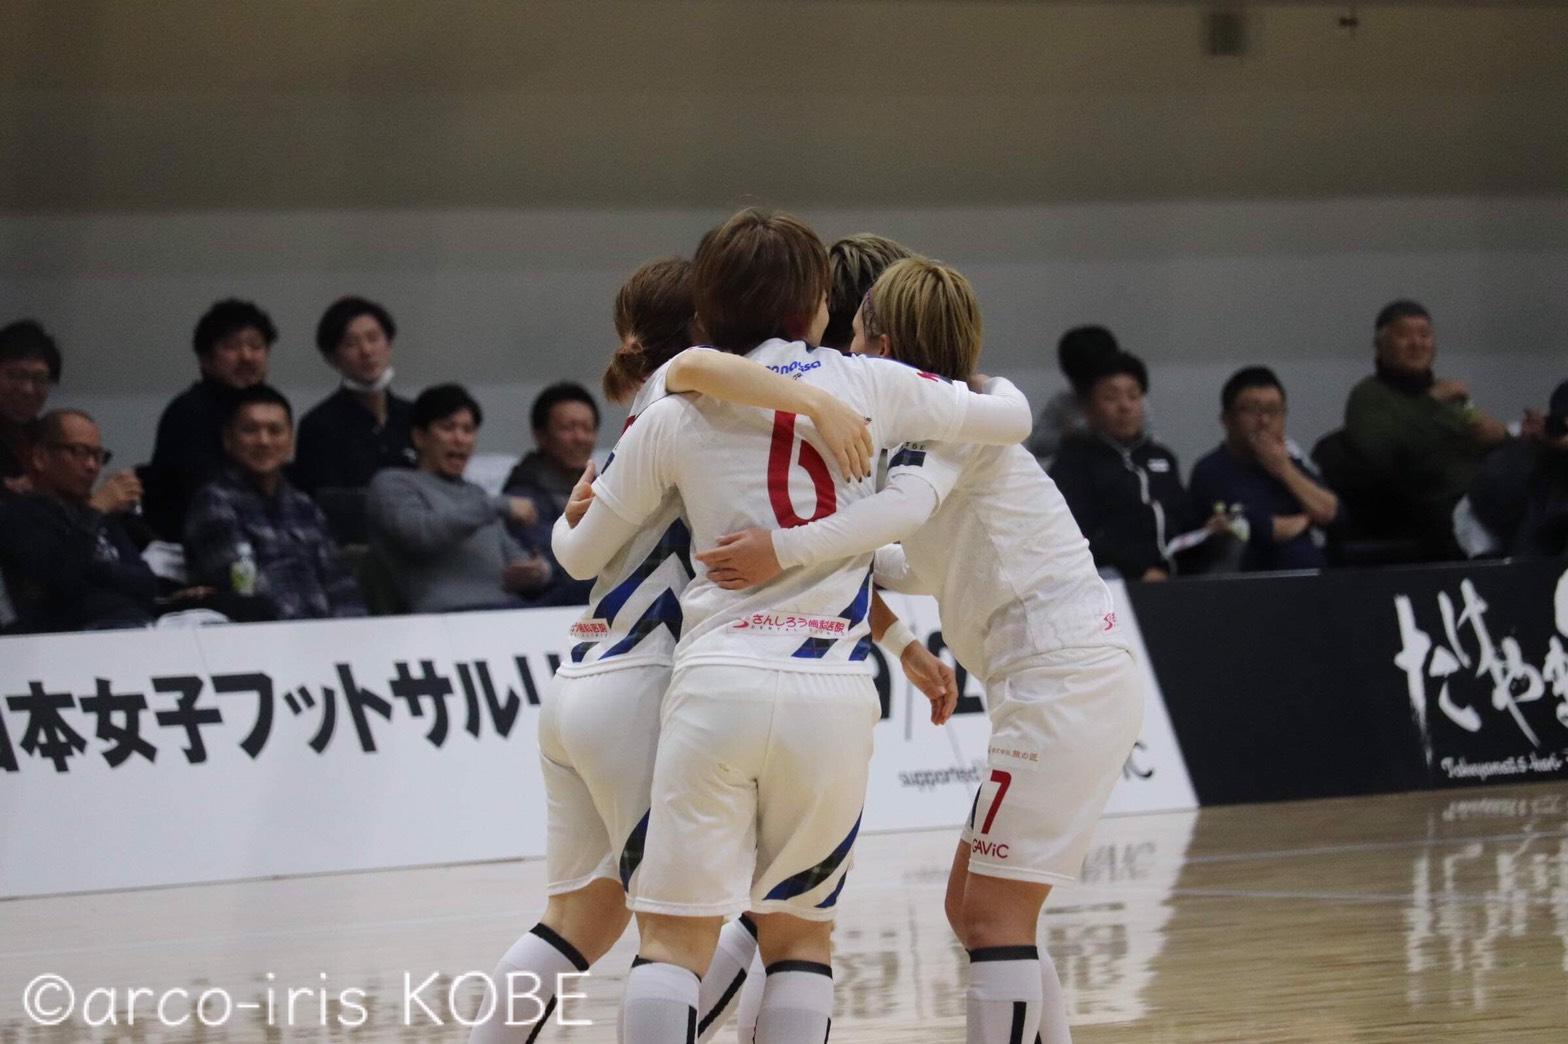 日本女子フットサルリーグ、山口&平井のゴールで最終戦を勝利!2位でプレーオフ進出が確定!